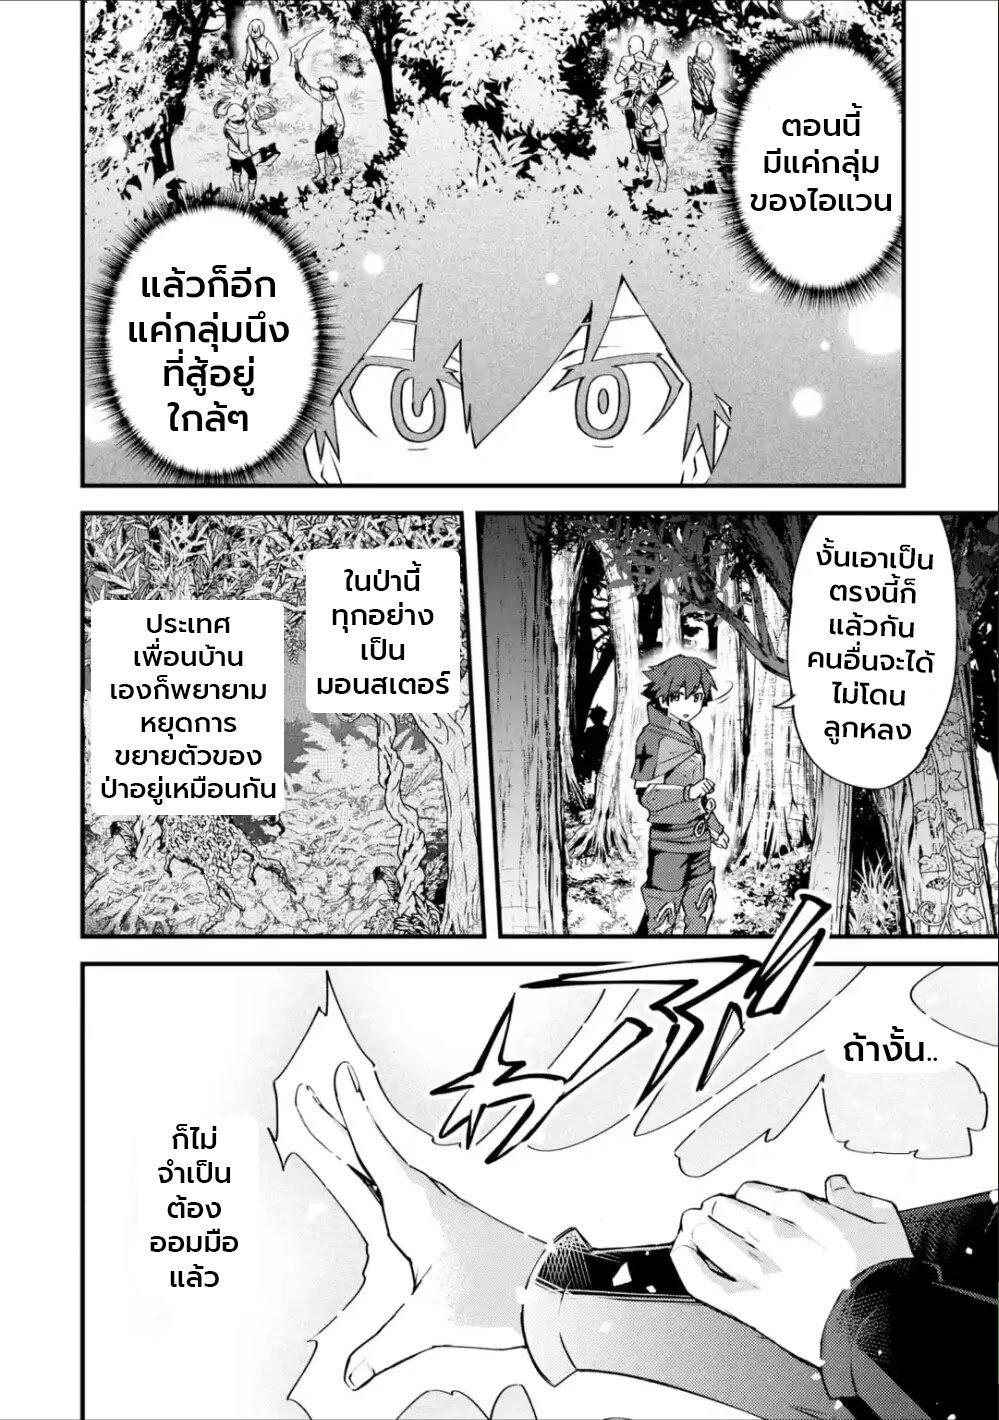 อ่านการ์ตูน Nido Tensei Shita Shounen wa S Rank Boukensha Toshite Heion ni Sugosu-zense ga kenja de eiyuu datta boku wa raisede wa jimini ikiru ตอนที่ 16 หน้าที่ 5